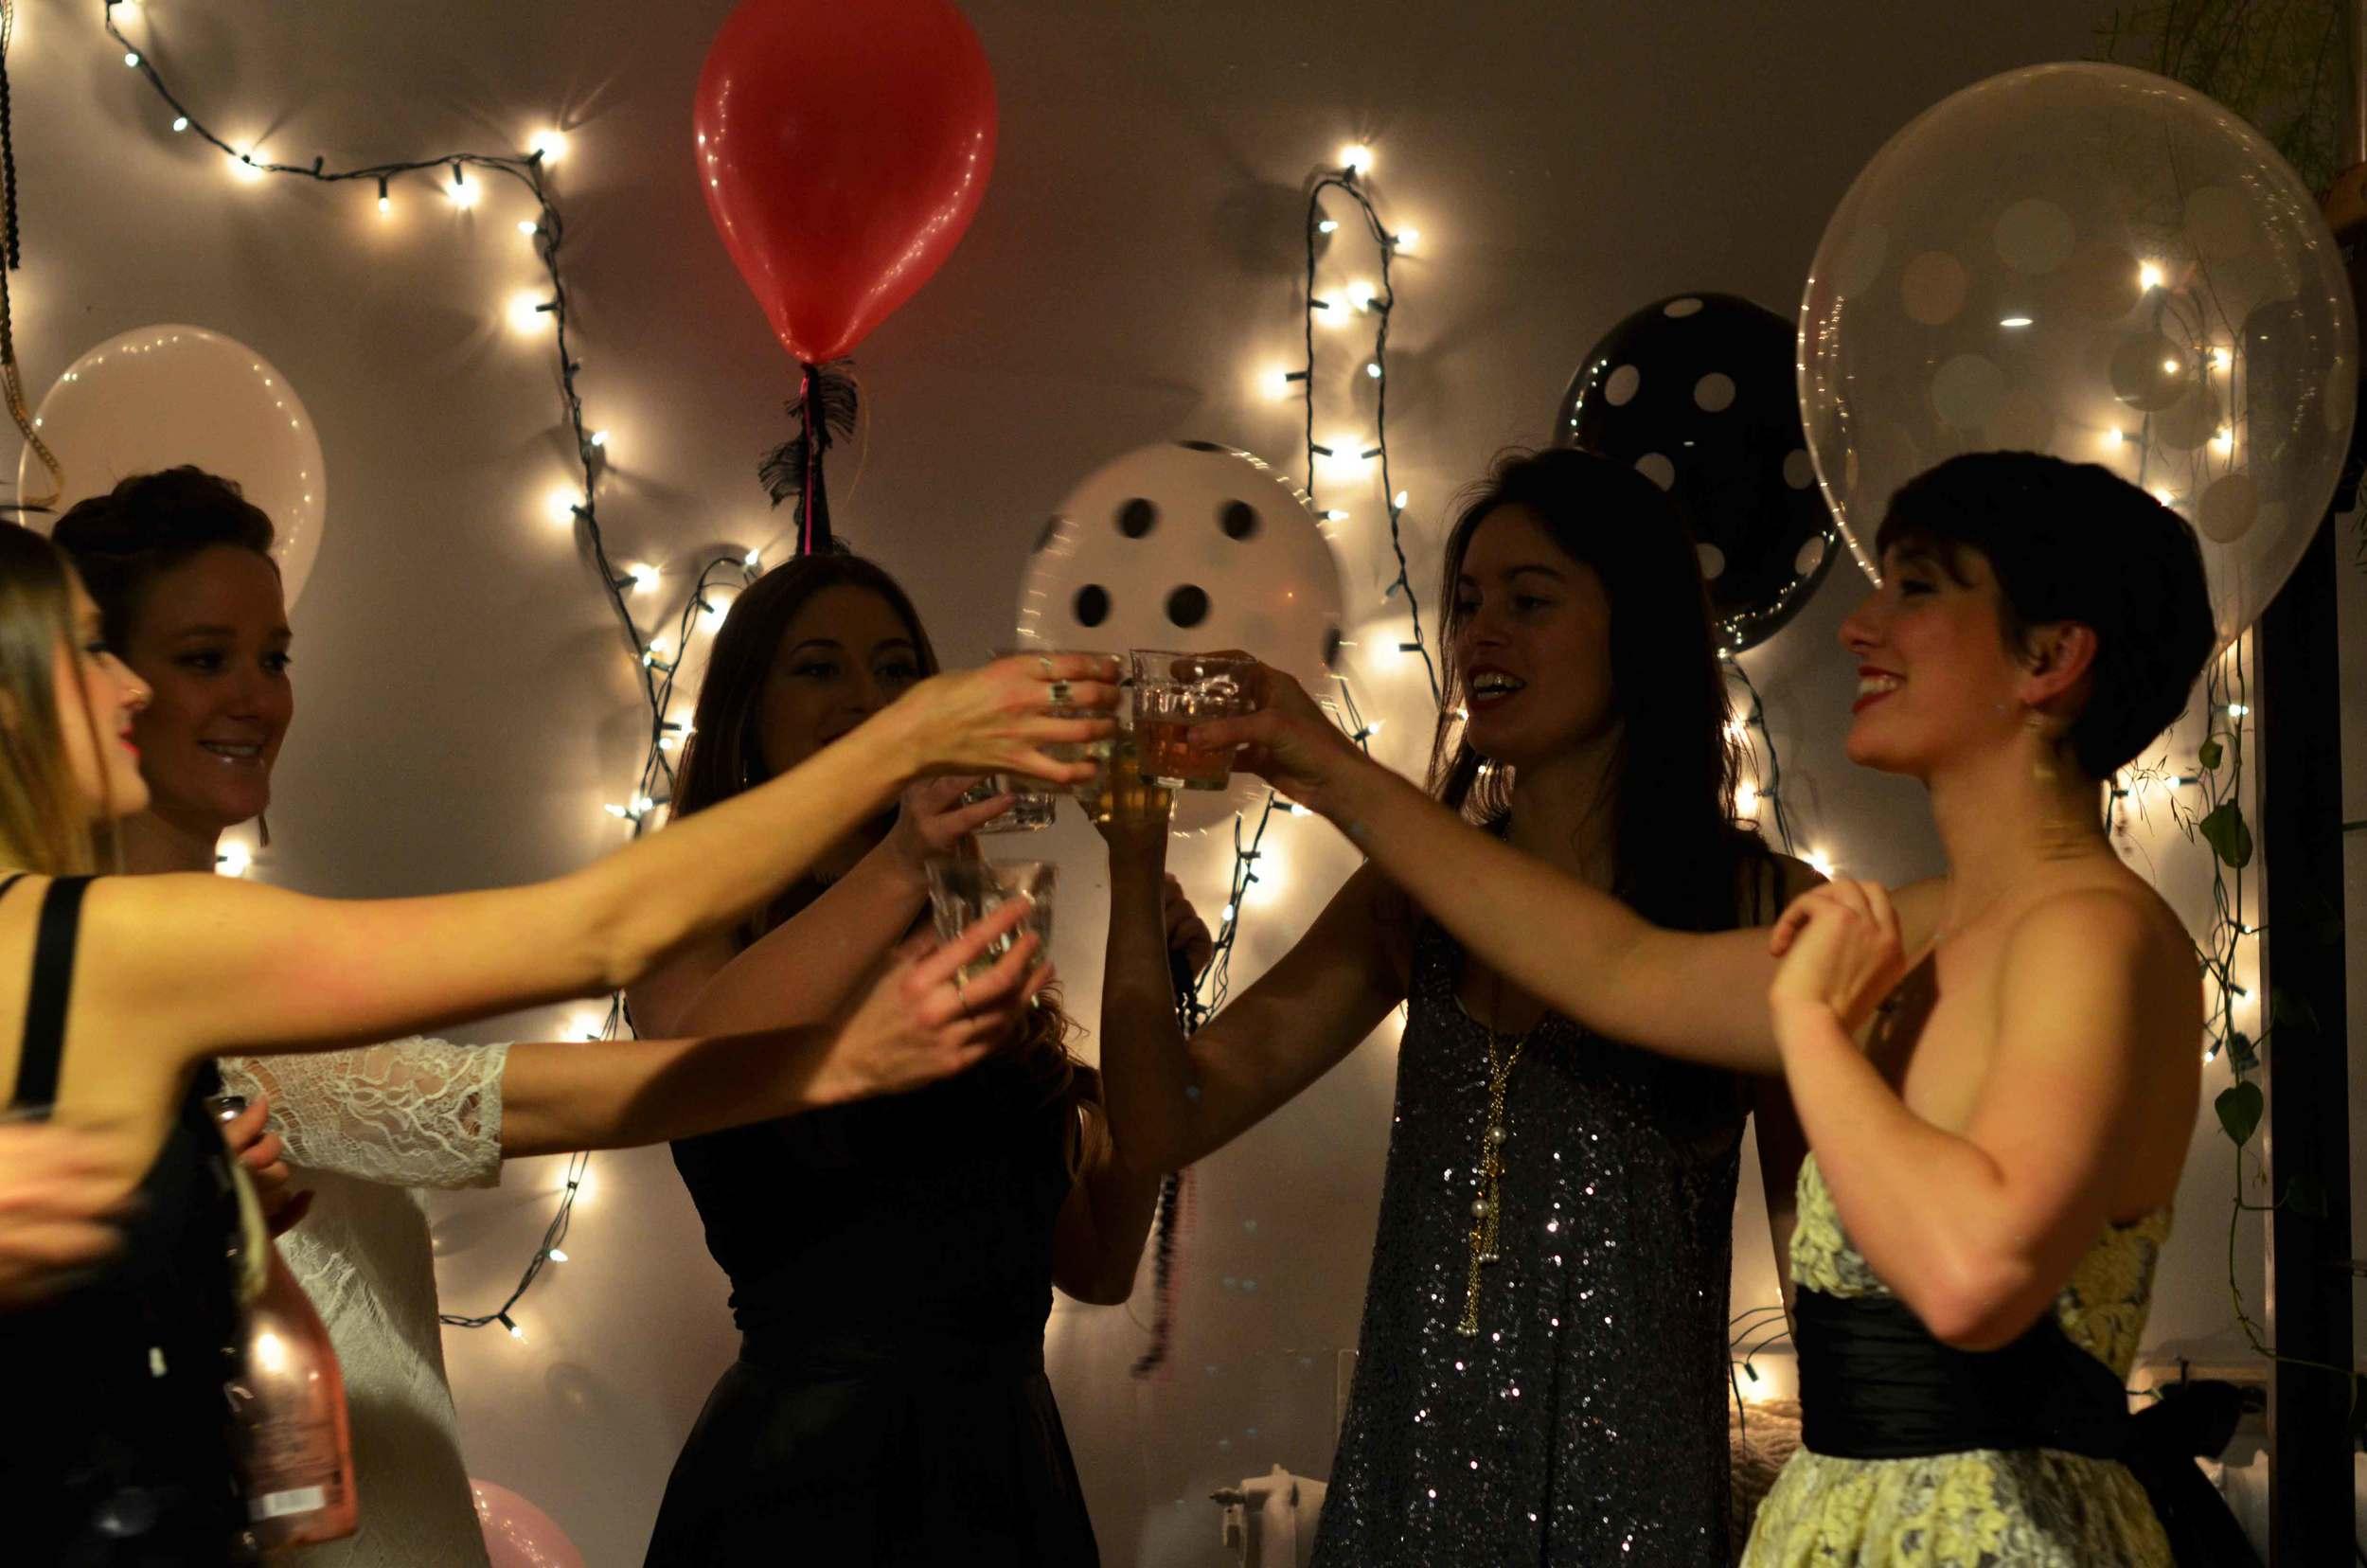 fake-new-years-cheersing.jpg